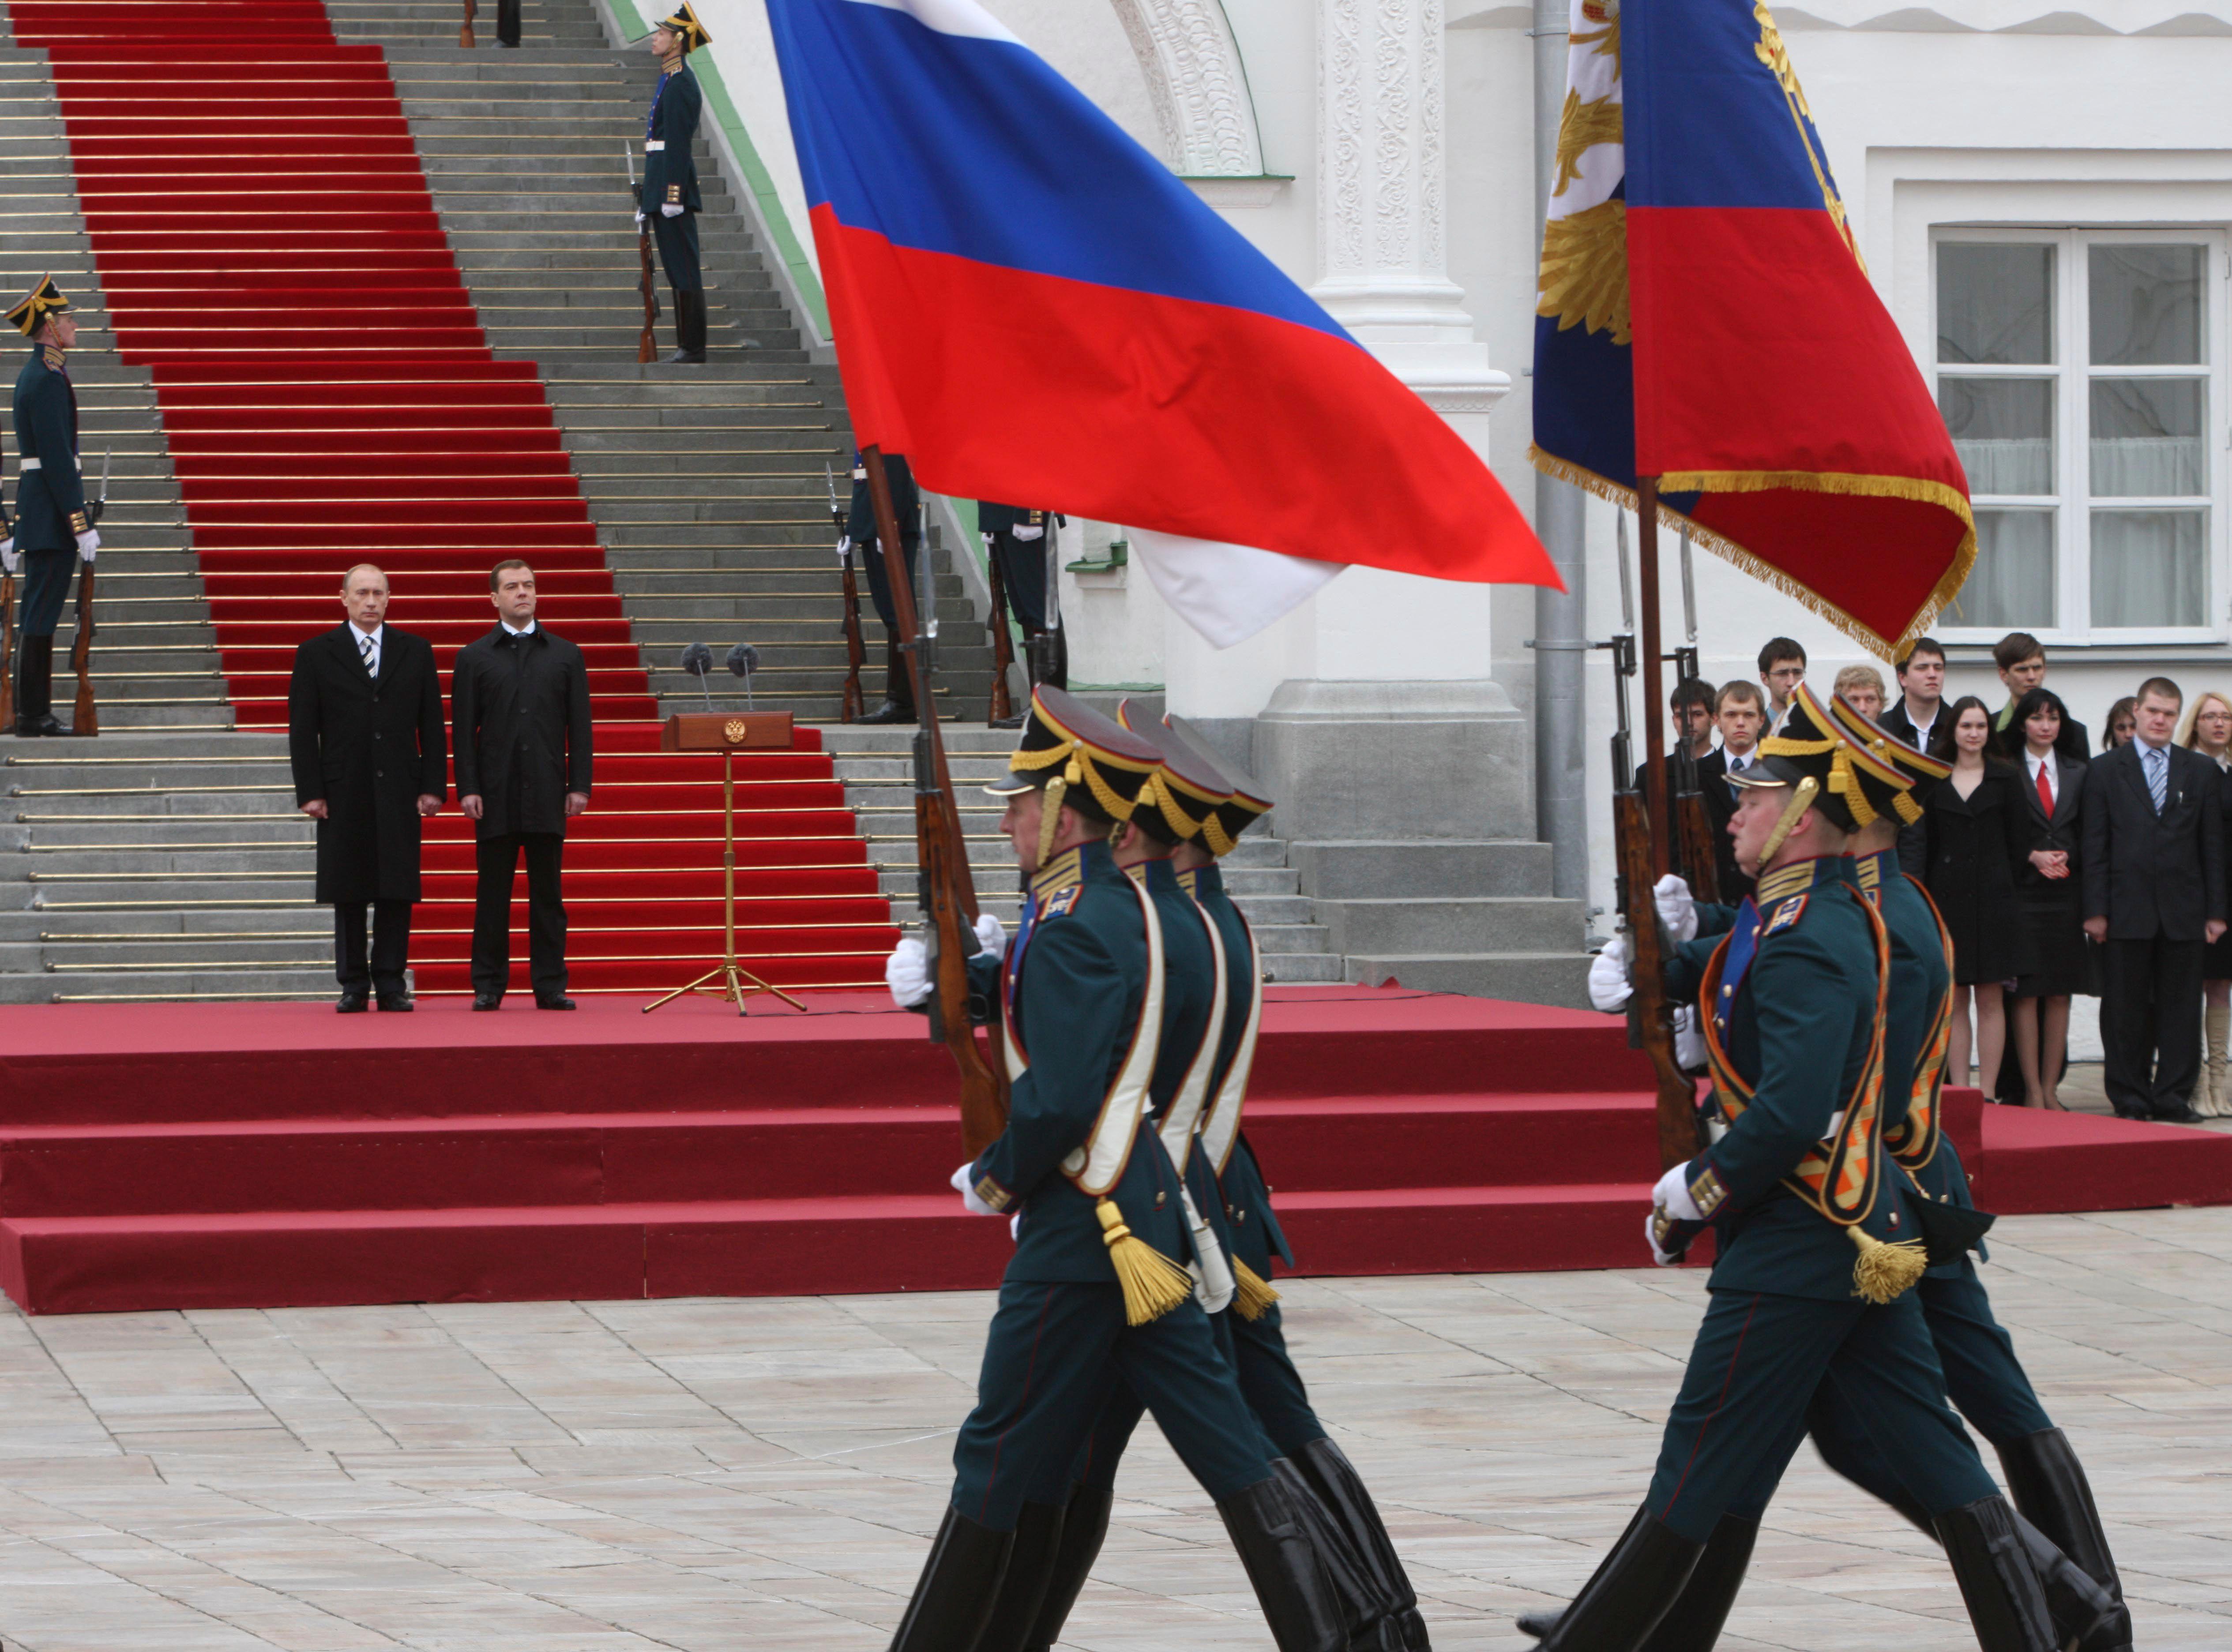 François Hollande envisage la désescalade des sanctions contre la Russie, en fonction des progrès sur le plan diplomatique.